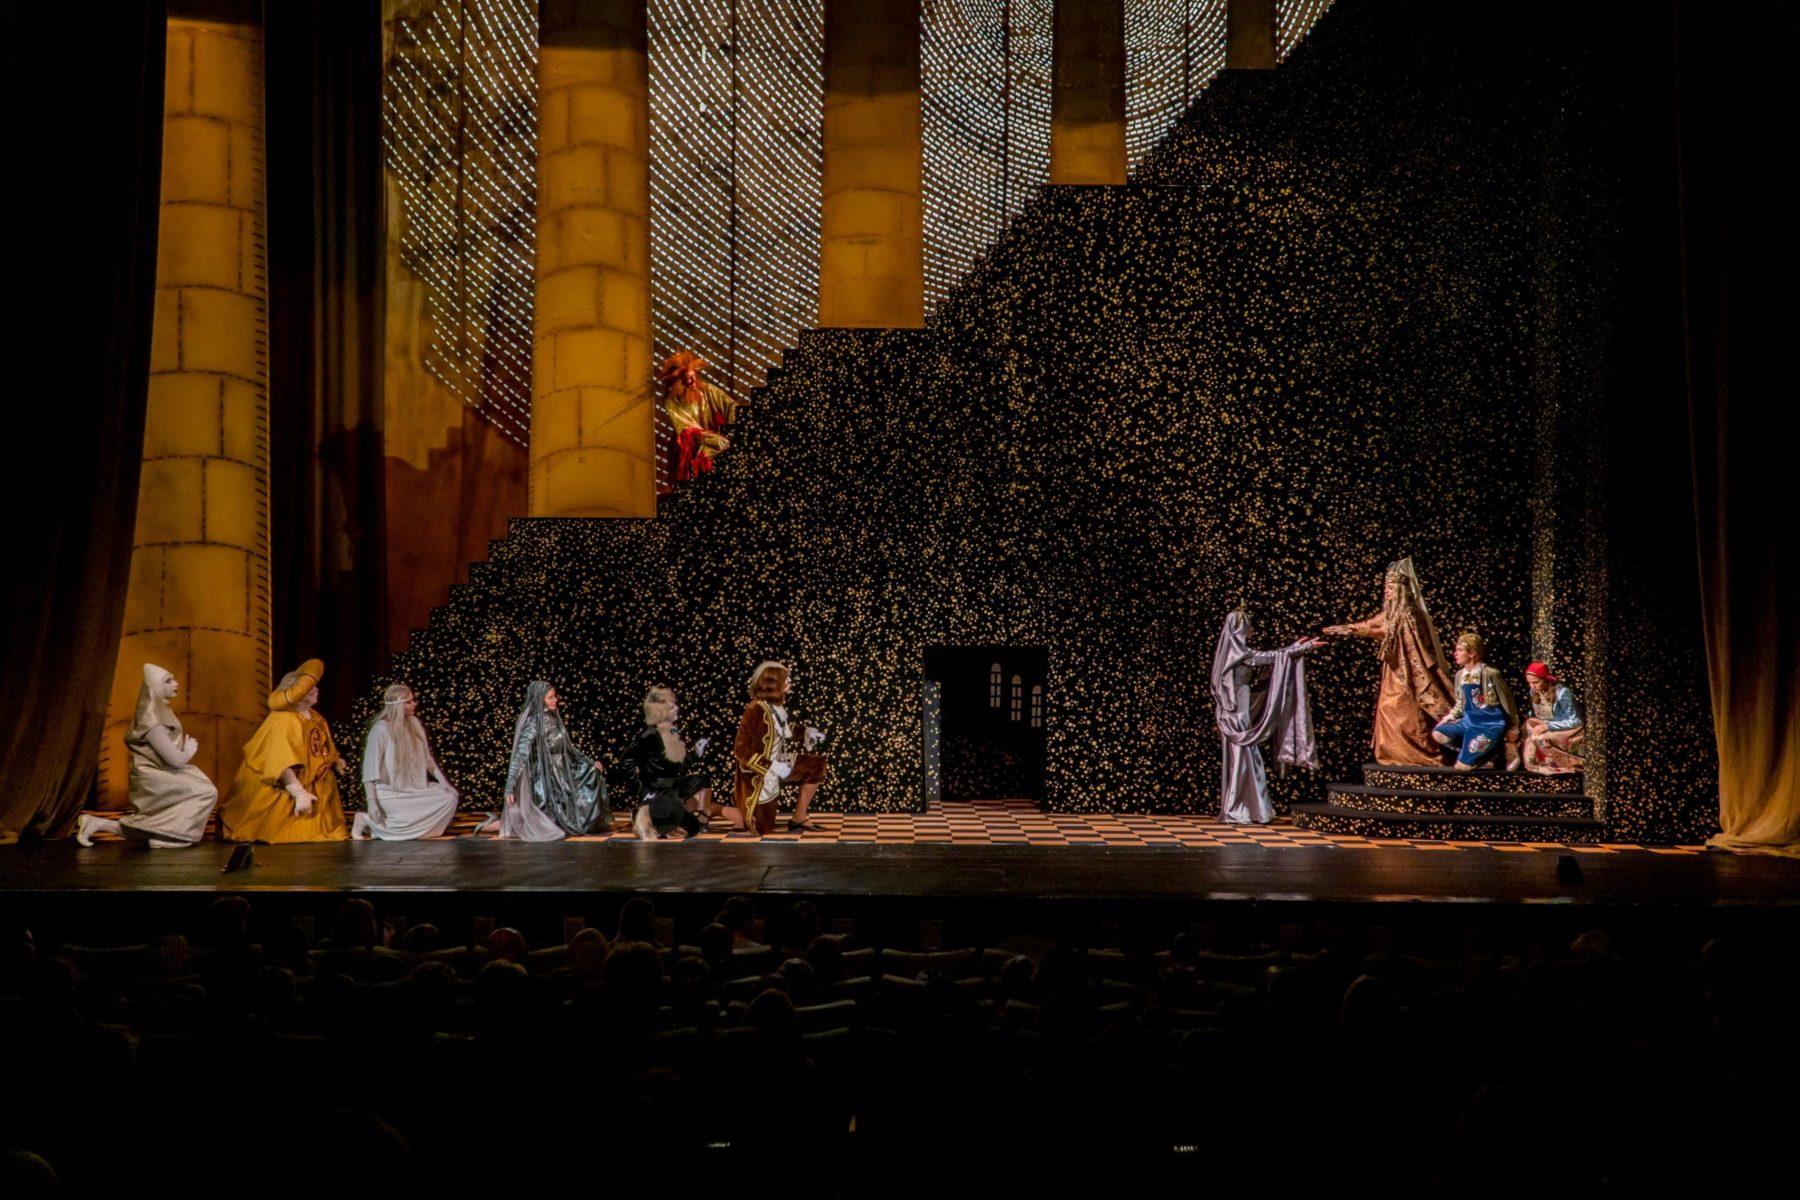 Спектакль «Синяя птица» в МХАТ имени М. Горького  – события на сайте «Московские Сезоны»